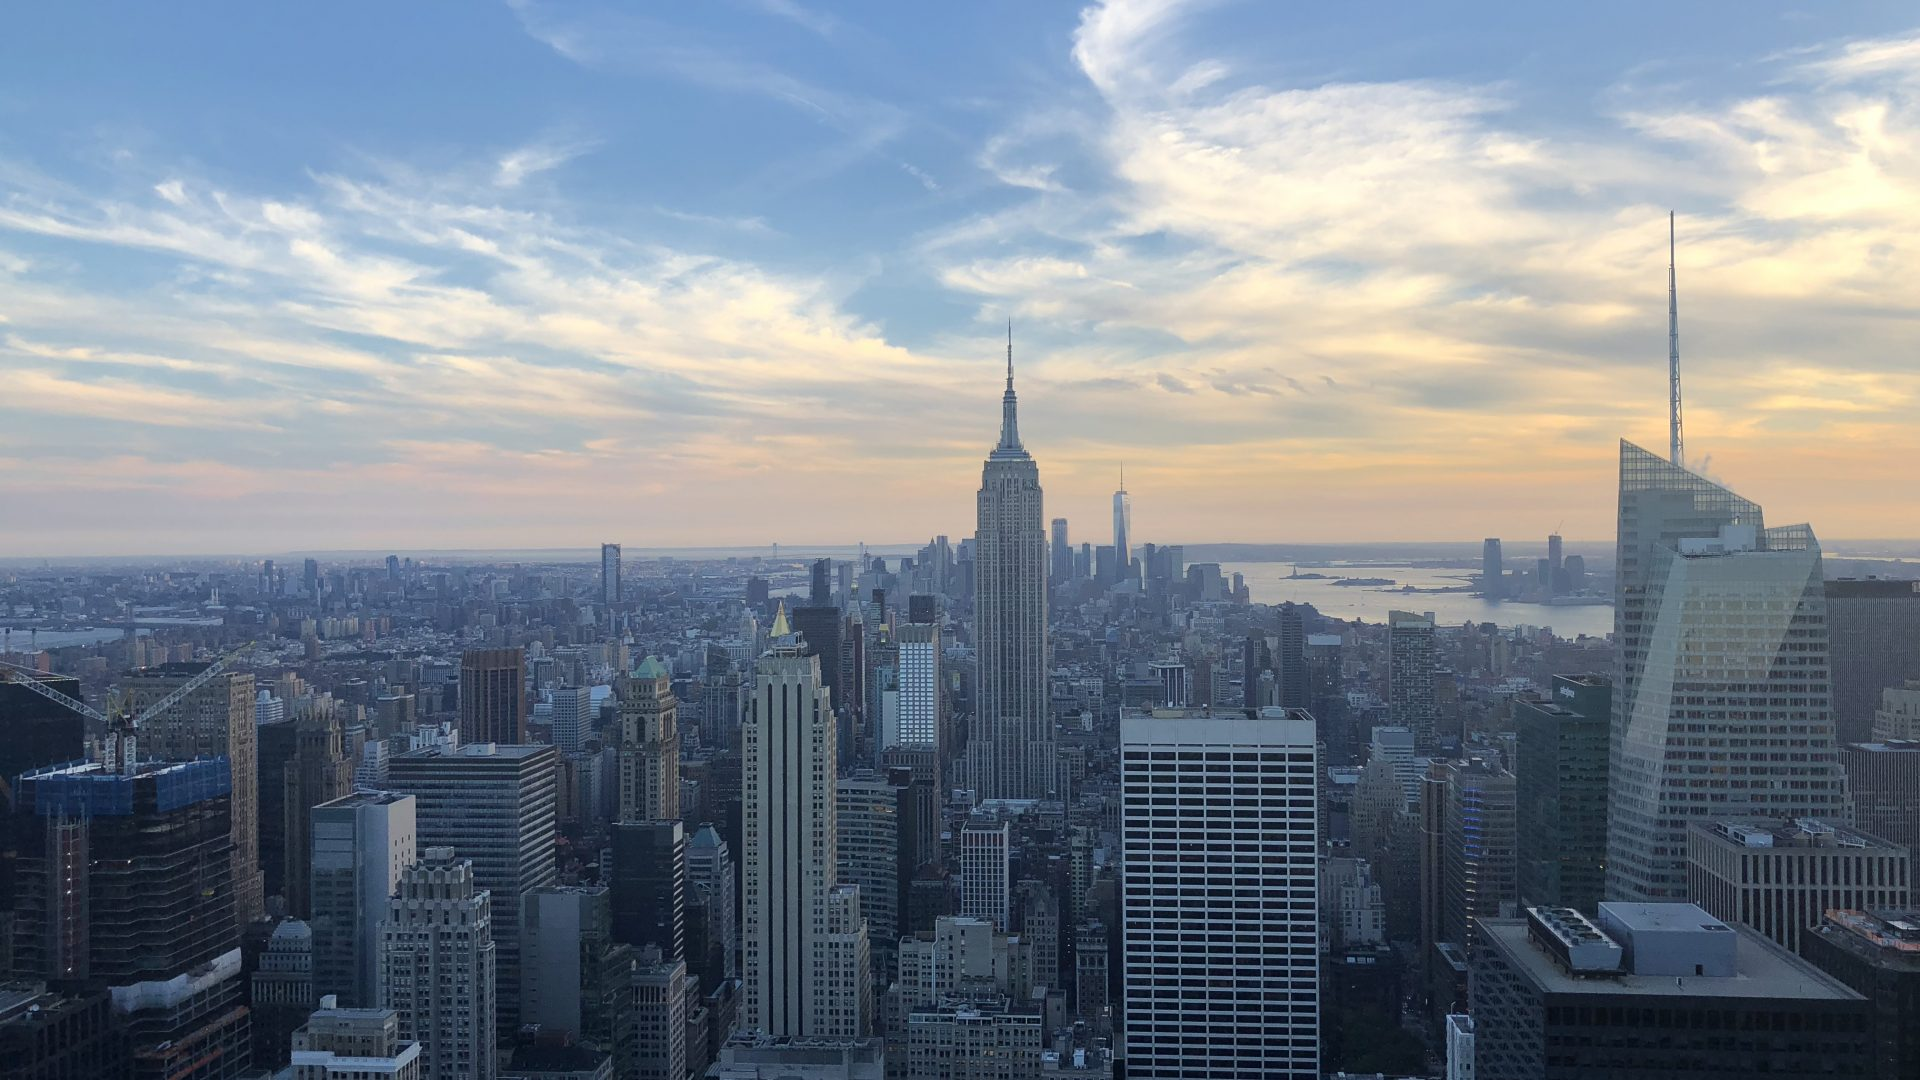 New York, New York - meine Geburtstagsreise!